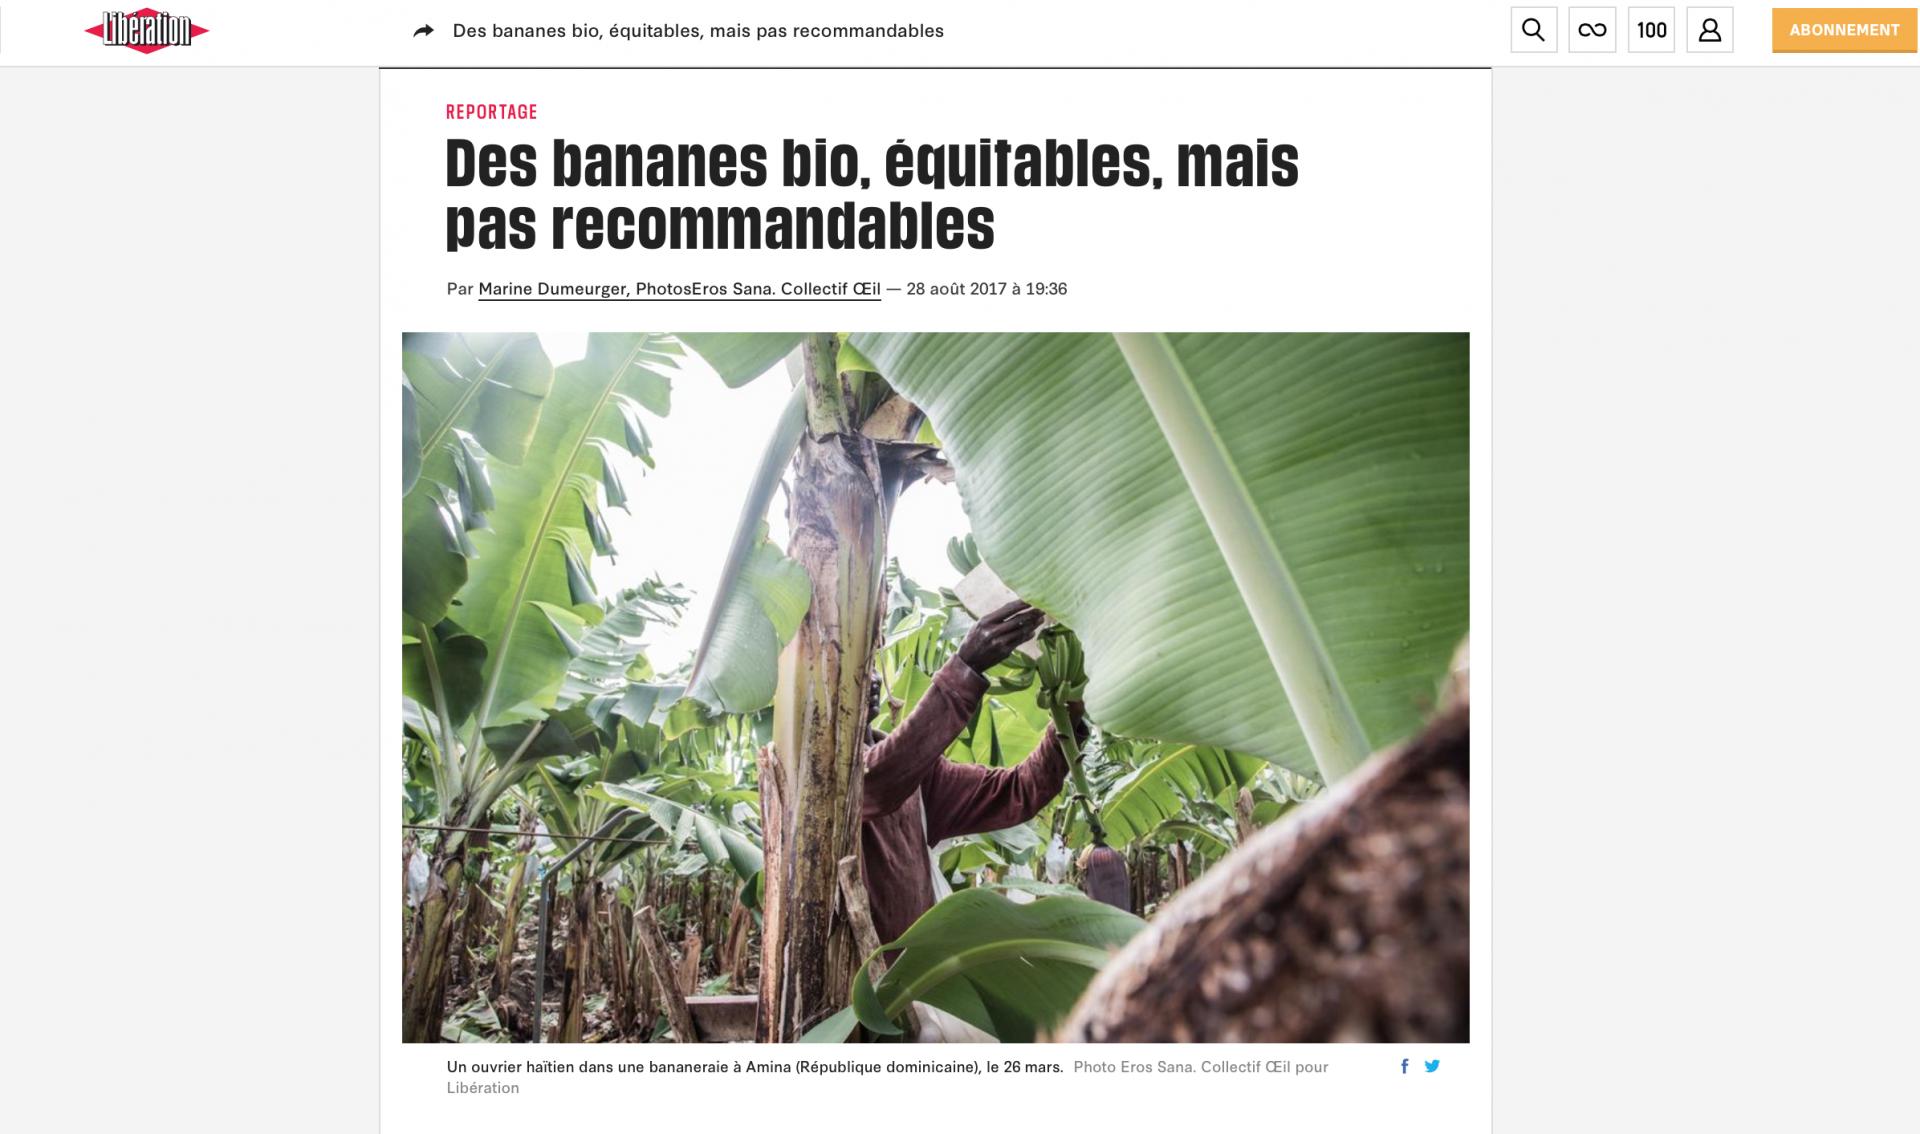 Des bananes bio, équitables, mais pas recommandables